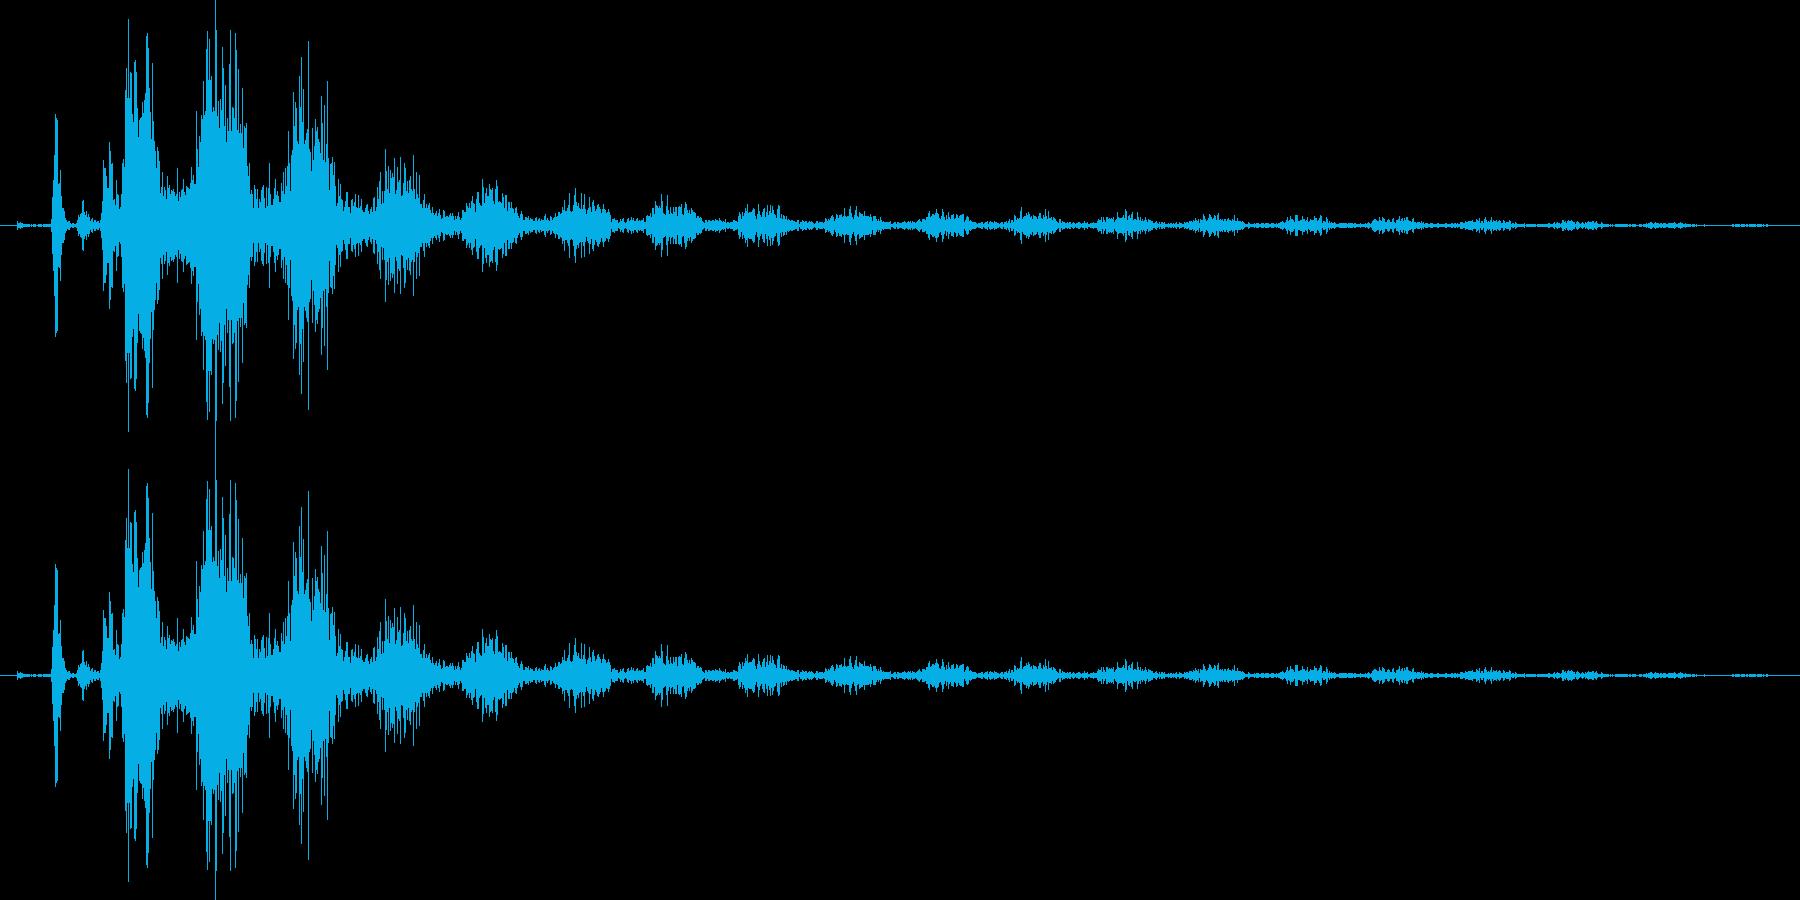 【エレキギター】クリーンストローク音の再生済みの波形